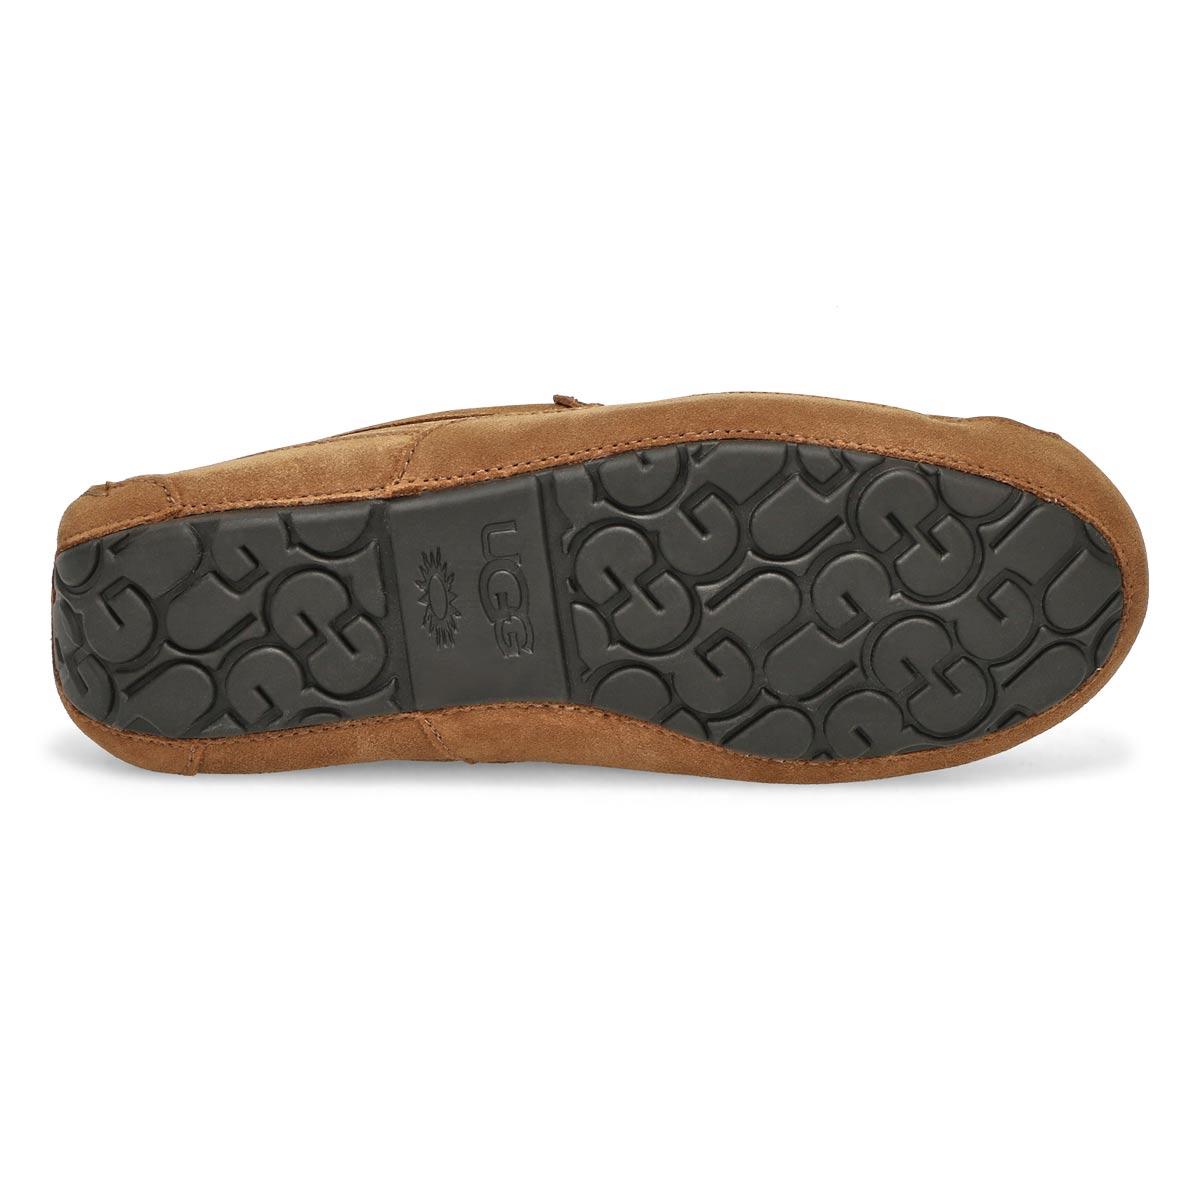 Men's Ascot Sheepskin Slipper - Chestnut